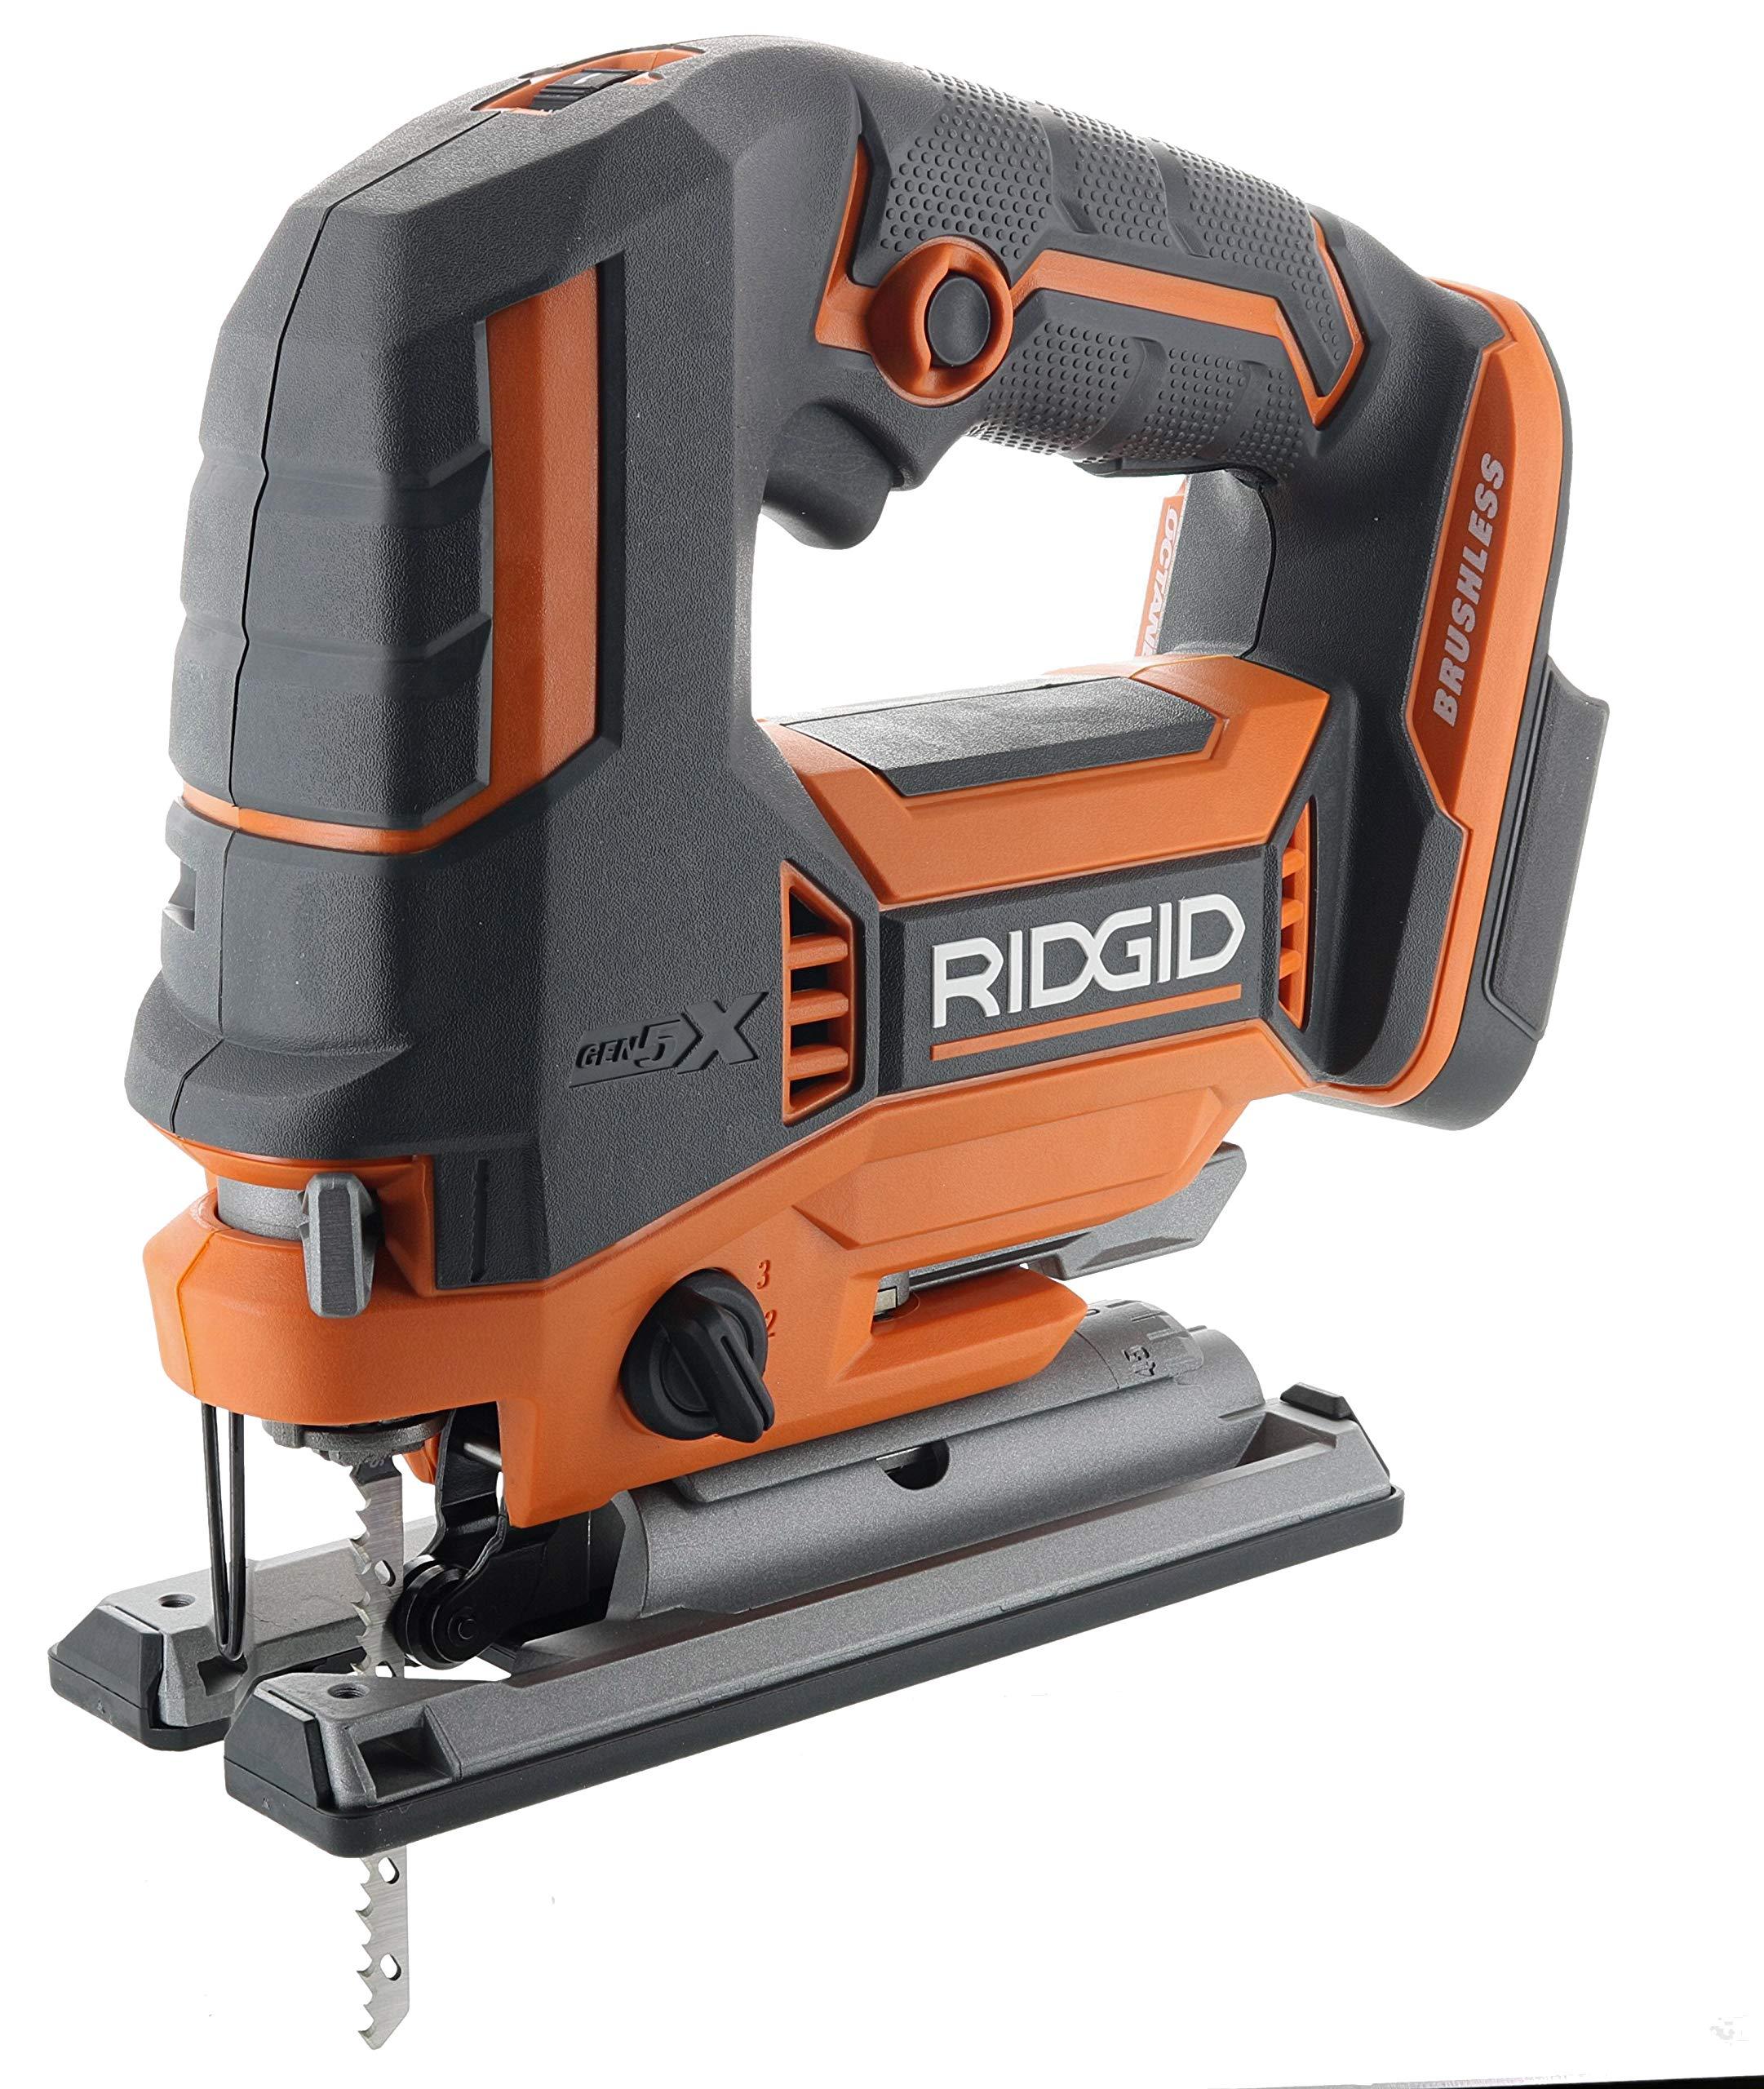 Rigid R8832B Jig Saw